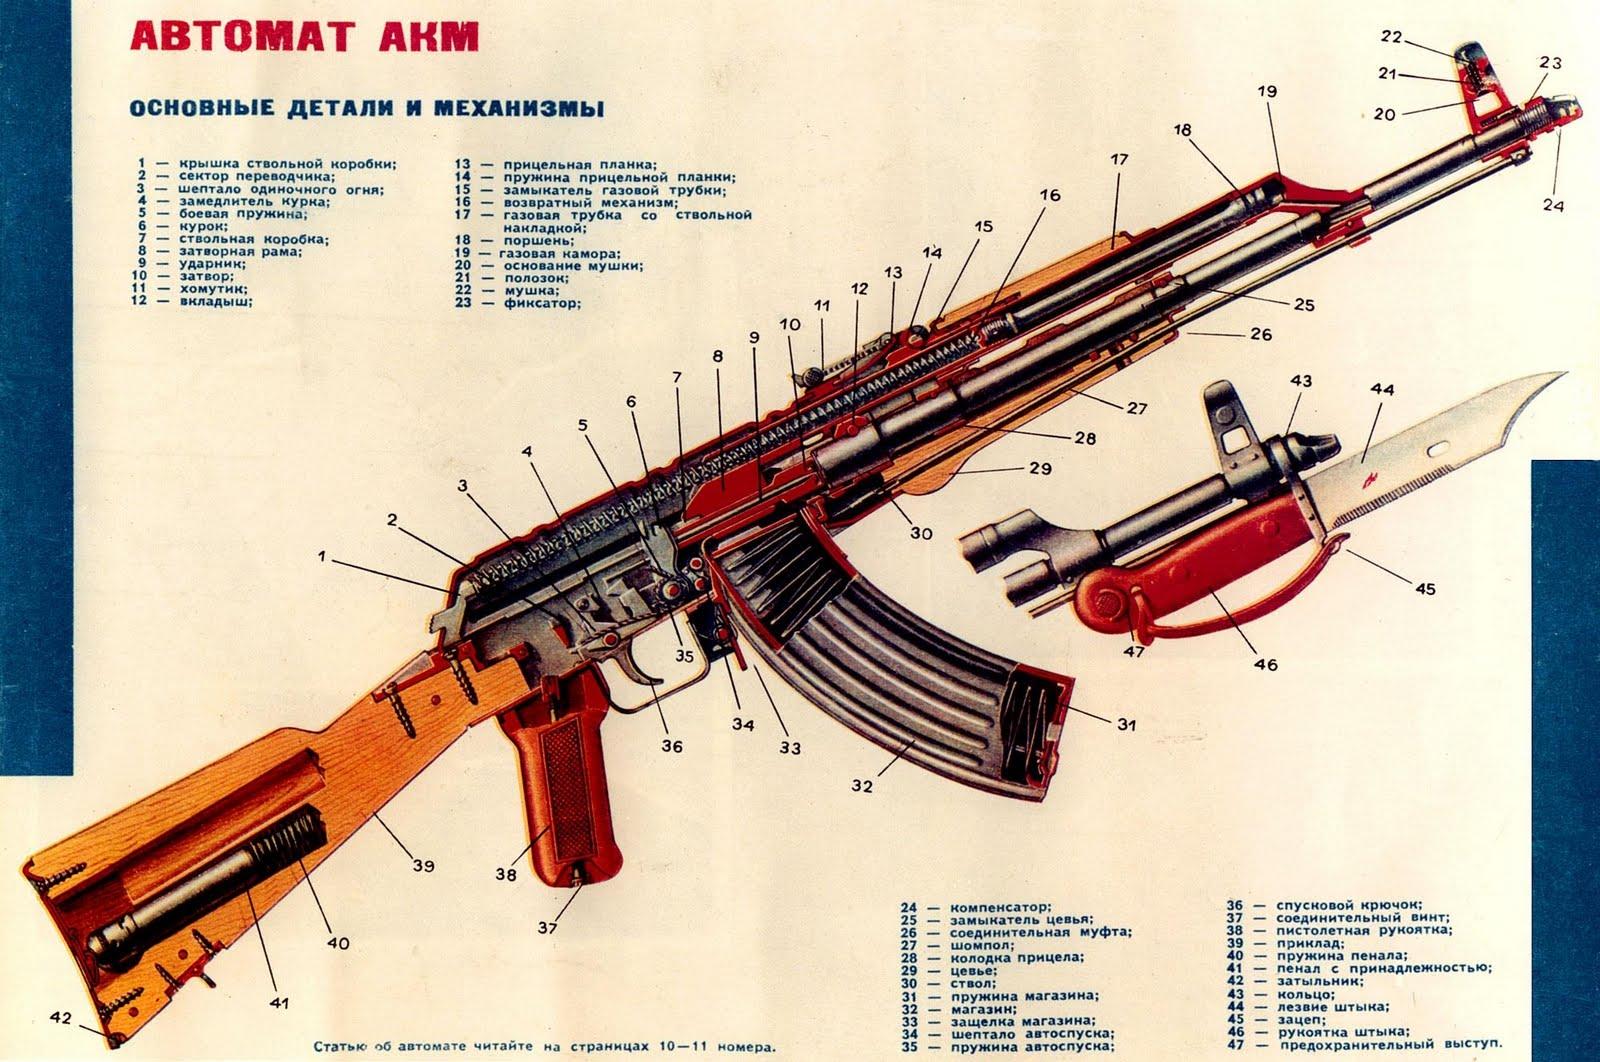 Partes de una AK47 inventada por Kalashnikov